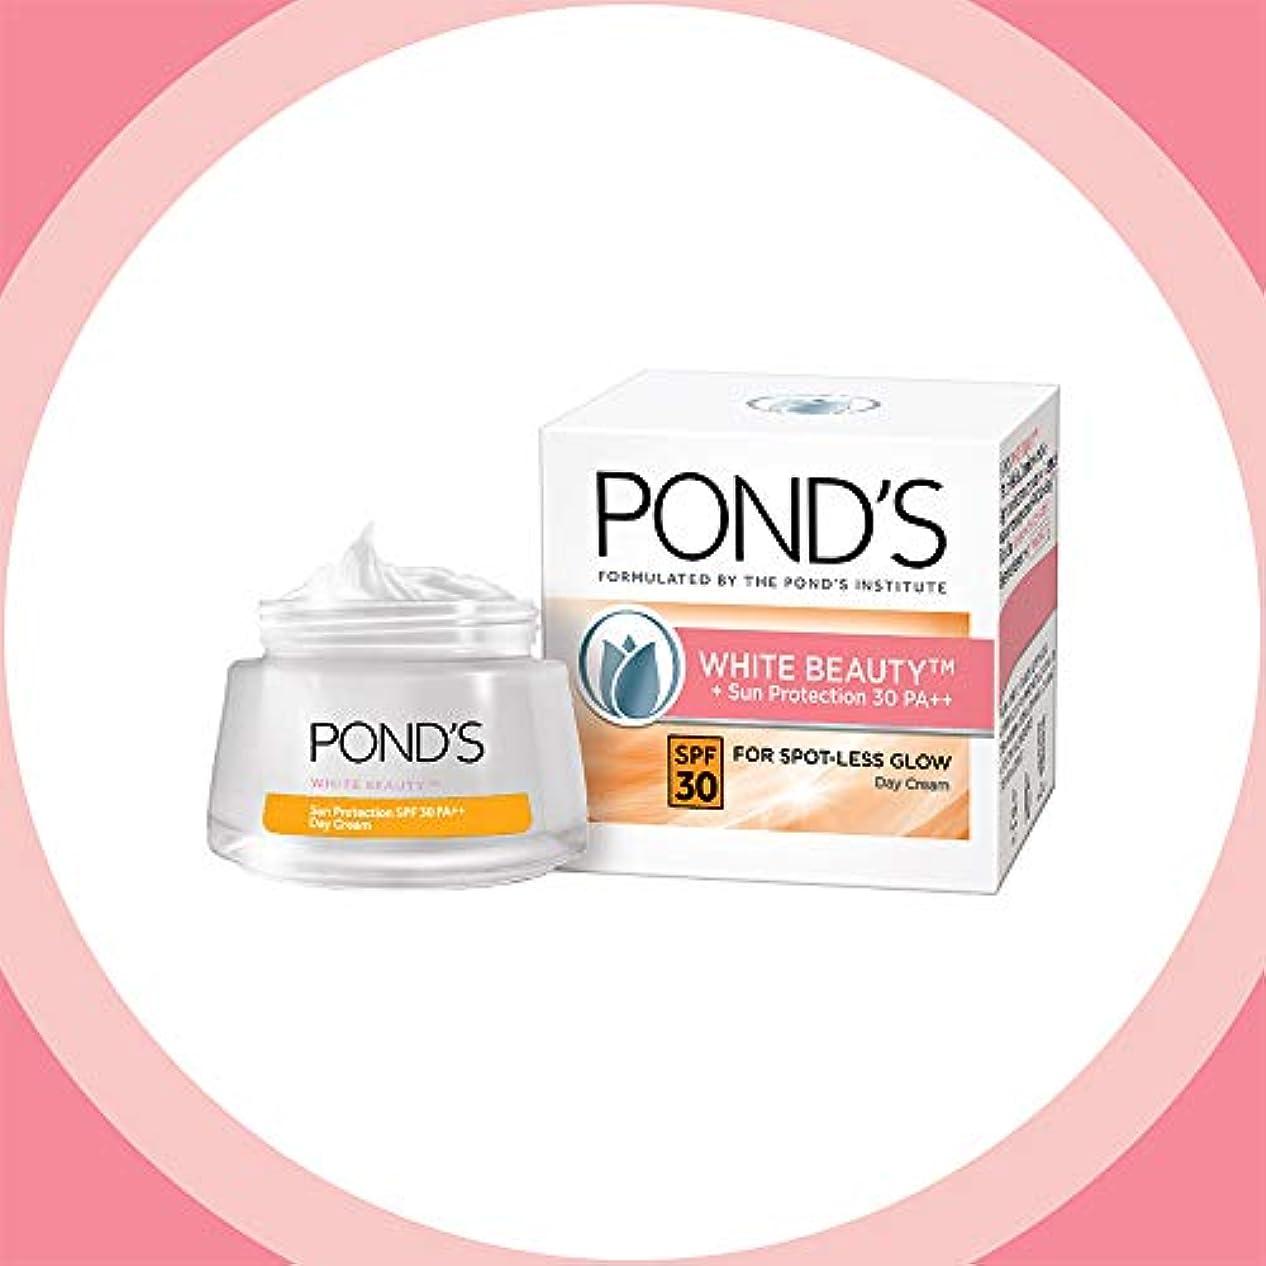 リレー皮肉な角度POND'S White Beauty Sun Protection SPF 30 Day Cream, 50 g